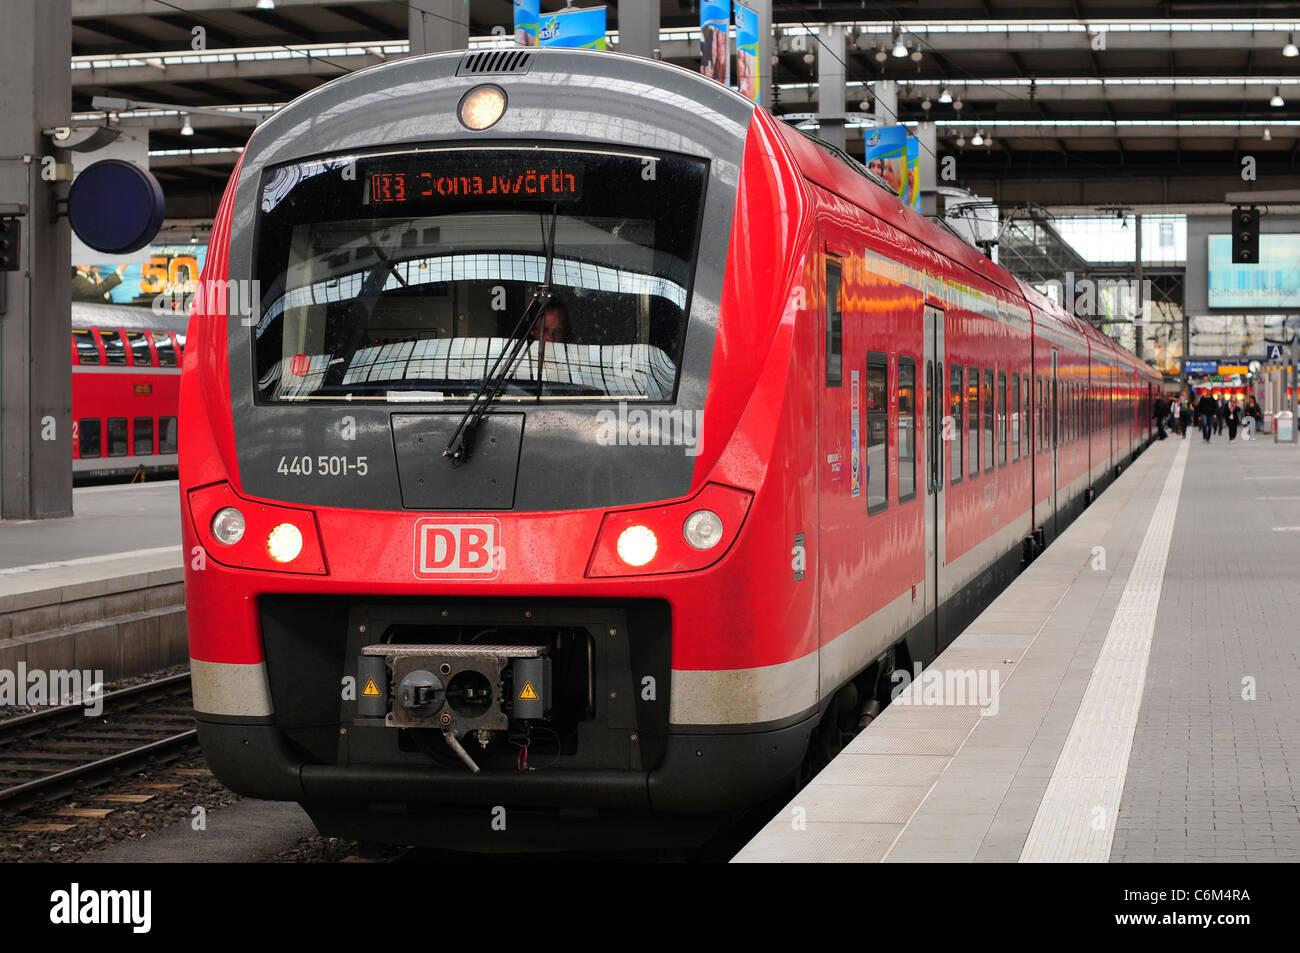 Deutsche Bahn Zug am München Hauptbahnhof Bahnhof, München Stockbild